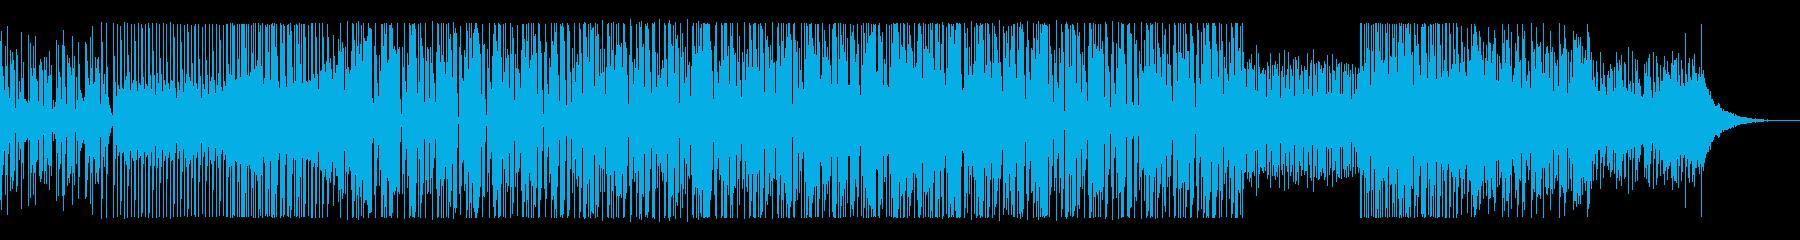 超定番の可愛いほのぼのフューチャーベースの再生済みの波形